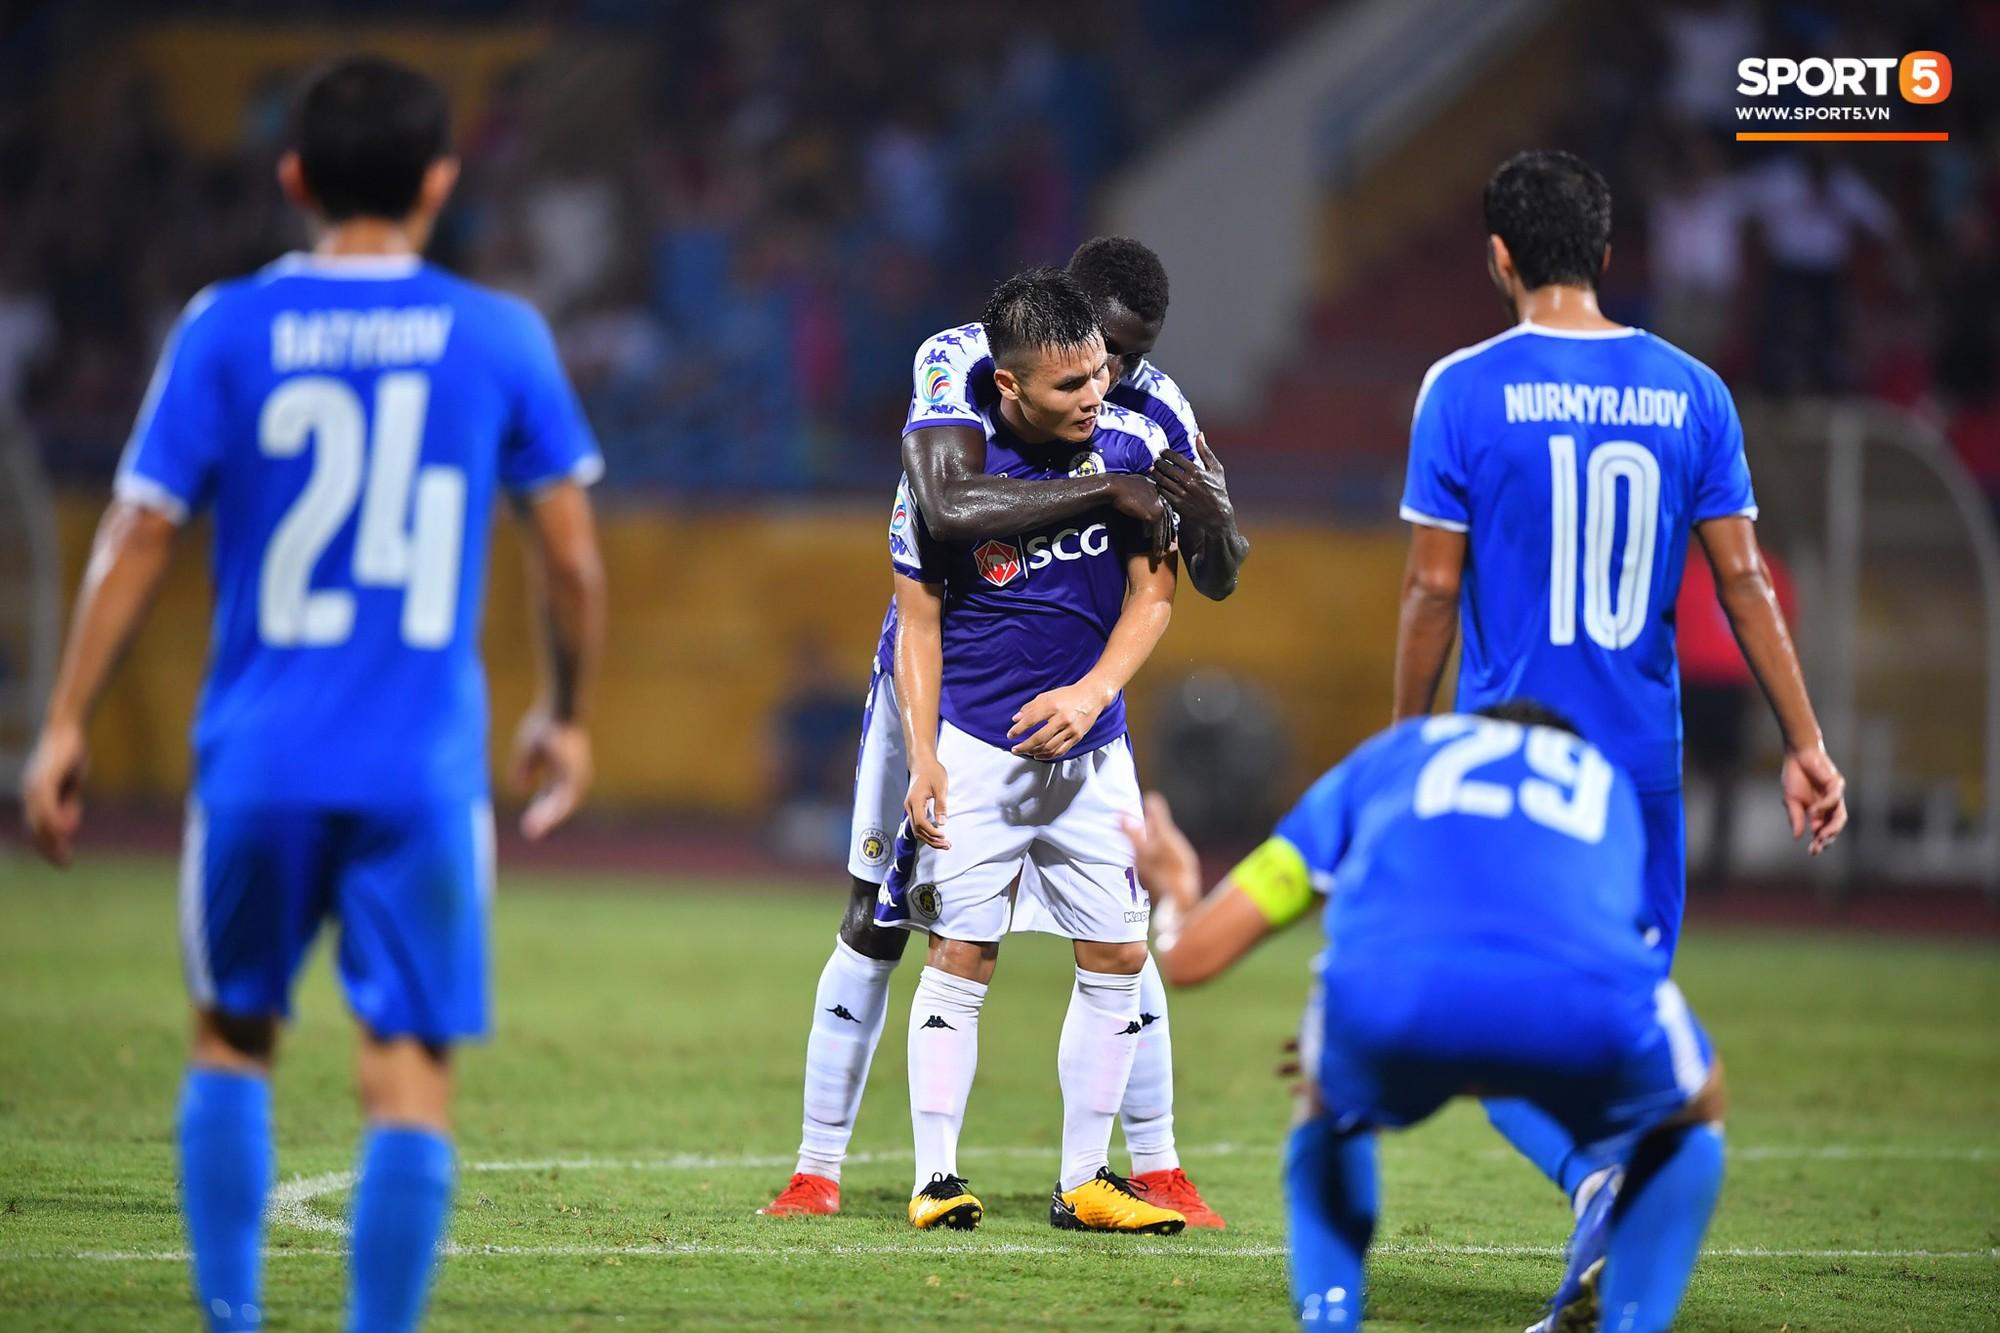 Quang Hải lại có tên trong top 5 bàn thắng đẹp nhất lịch sử AFC Cup với siêu phẩm hình trái chuối - Ảnh 2.